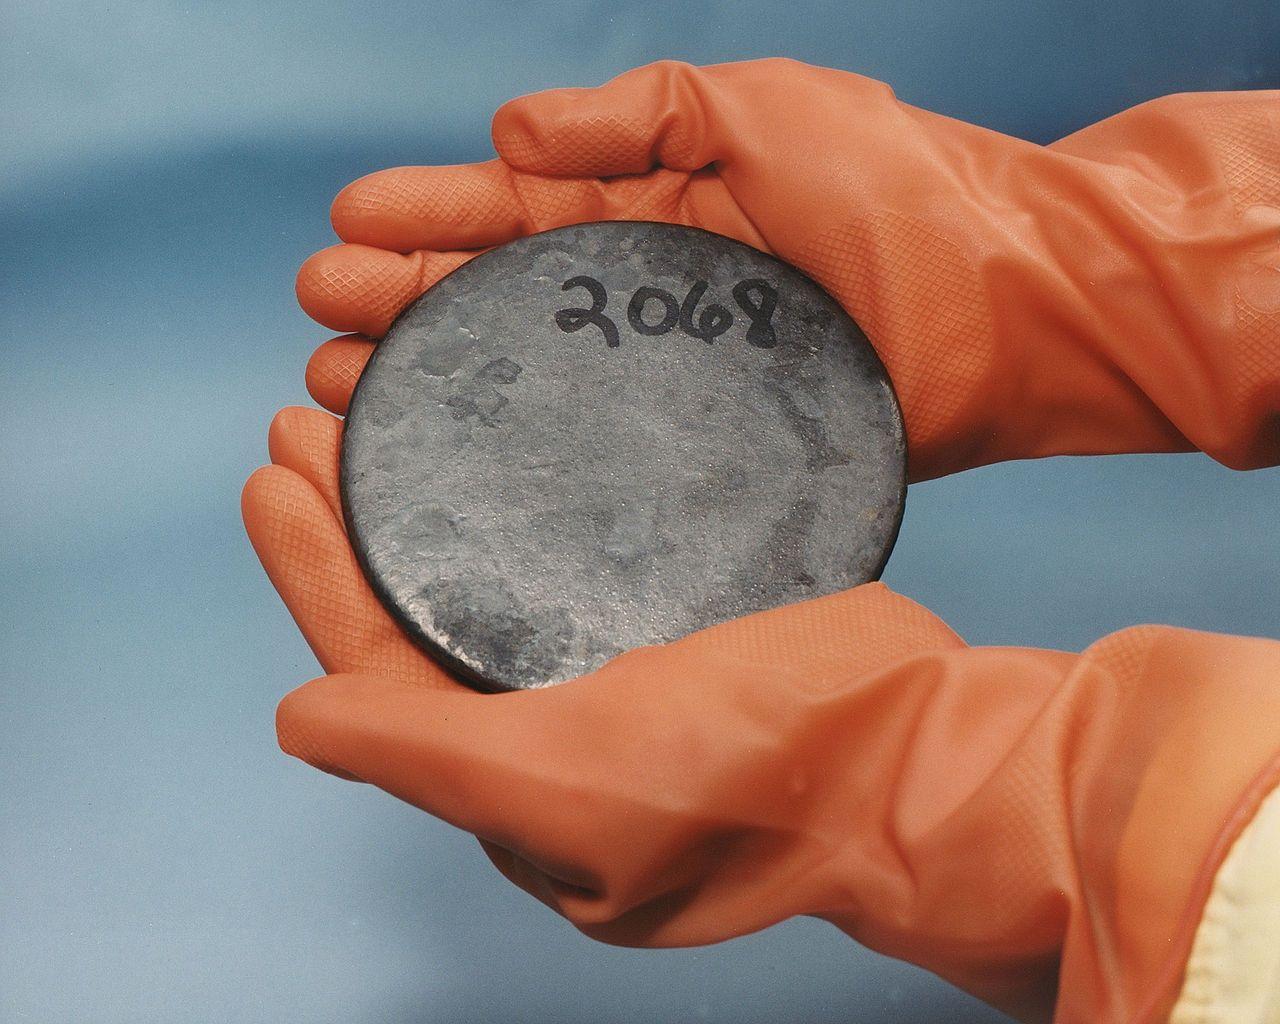 Carbon dating Hiroshima